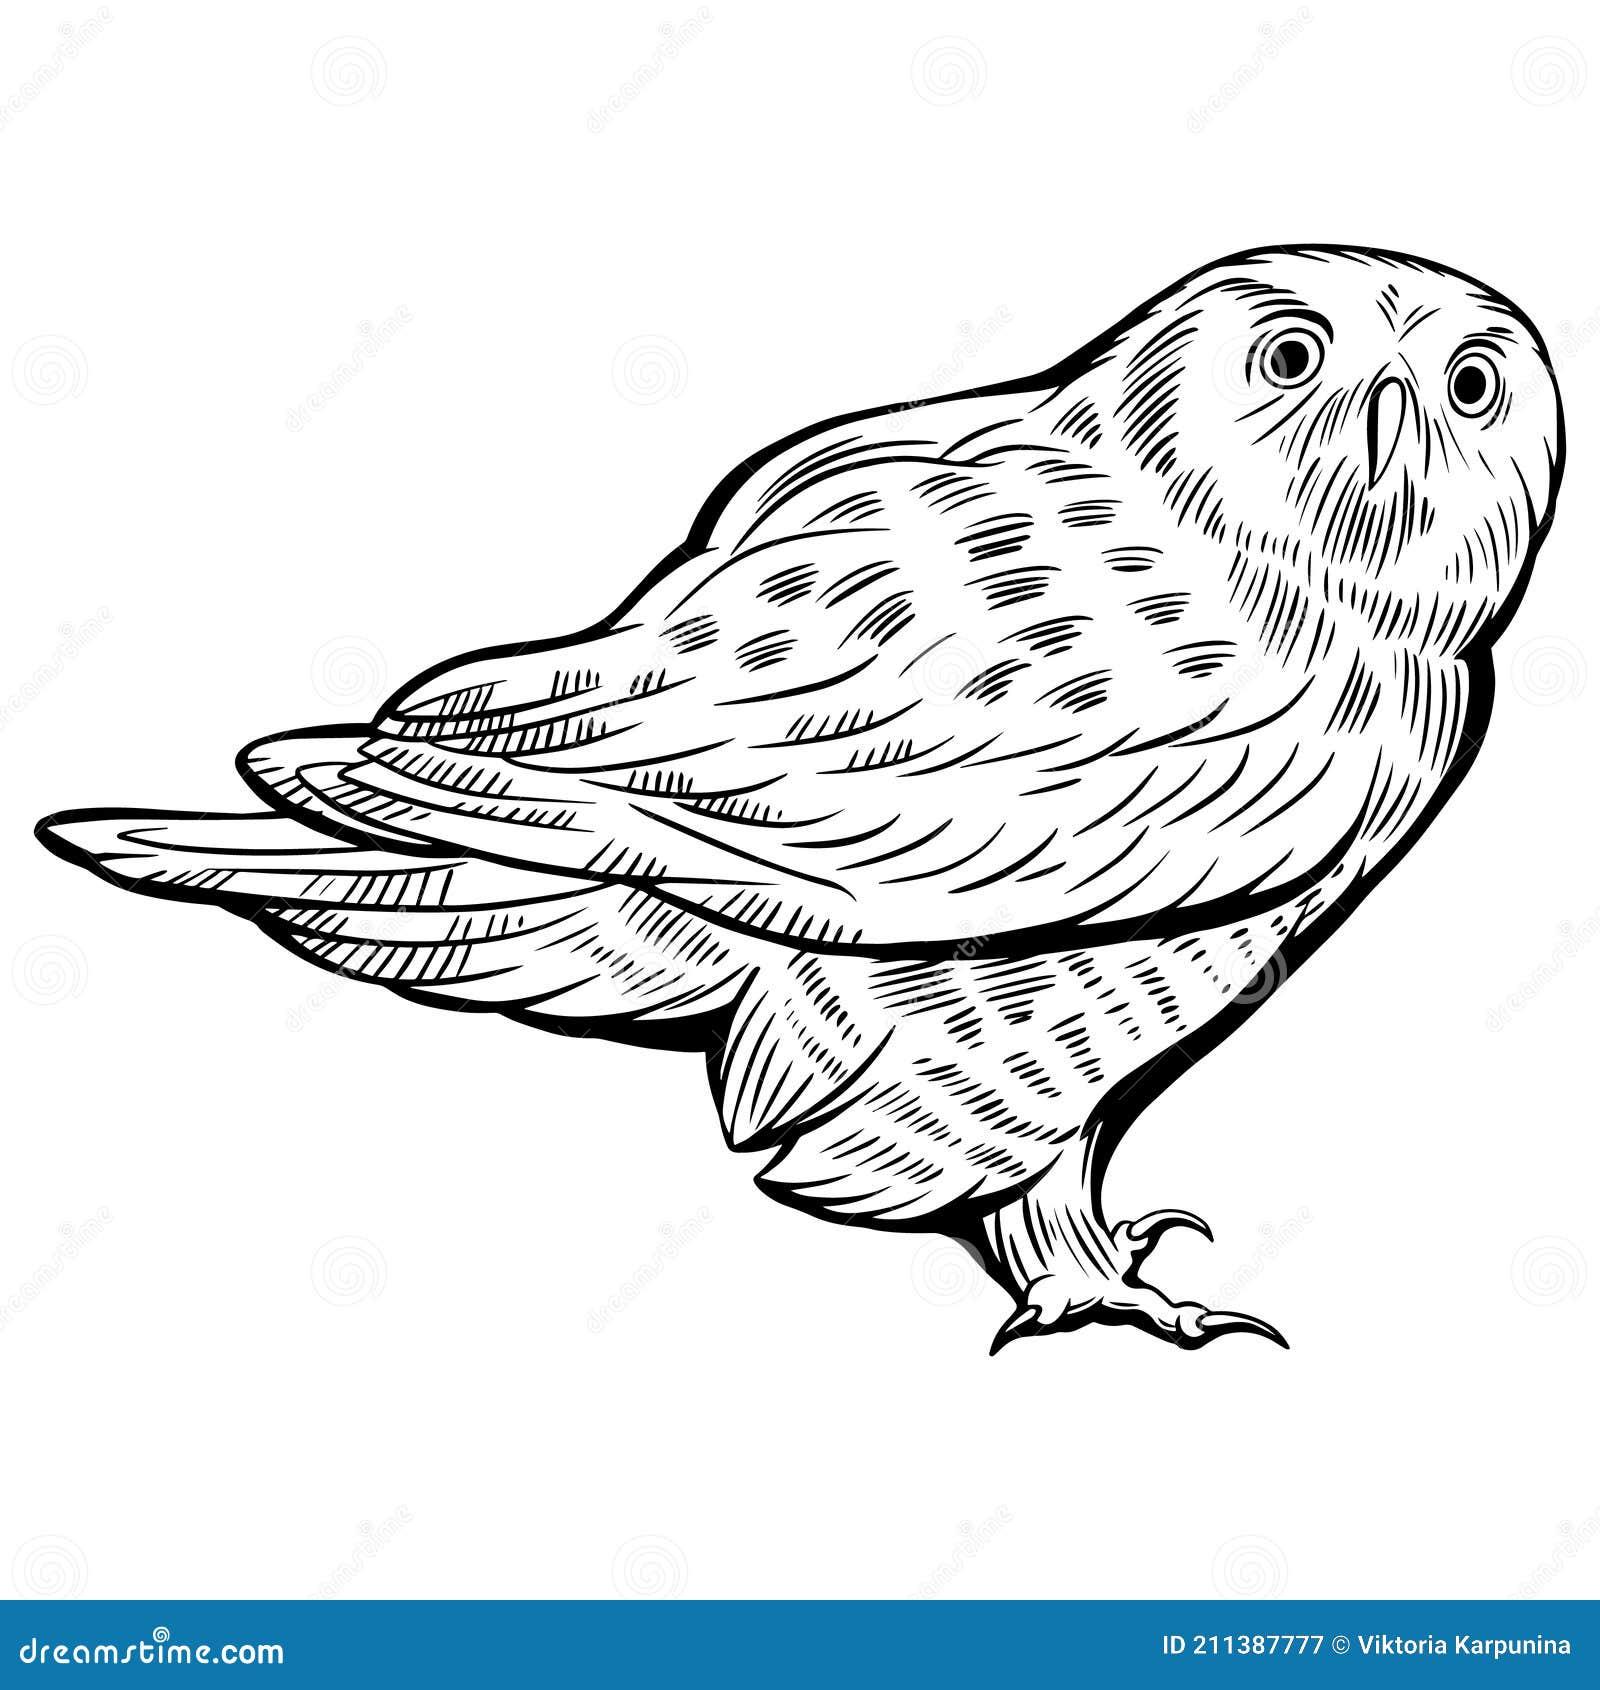 Hawk Coloring Stock Illustrations 250 Hawk Coloring Stock Illustrations Vectors Clipart Dreamstime